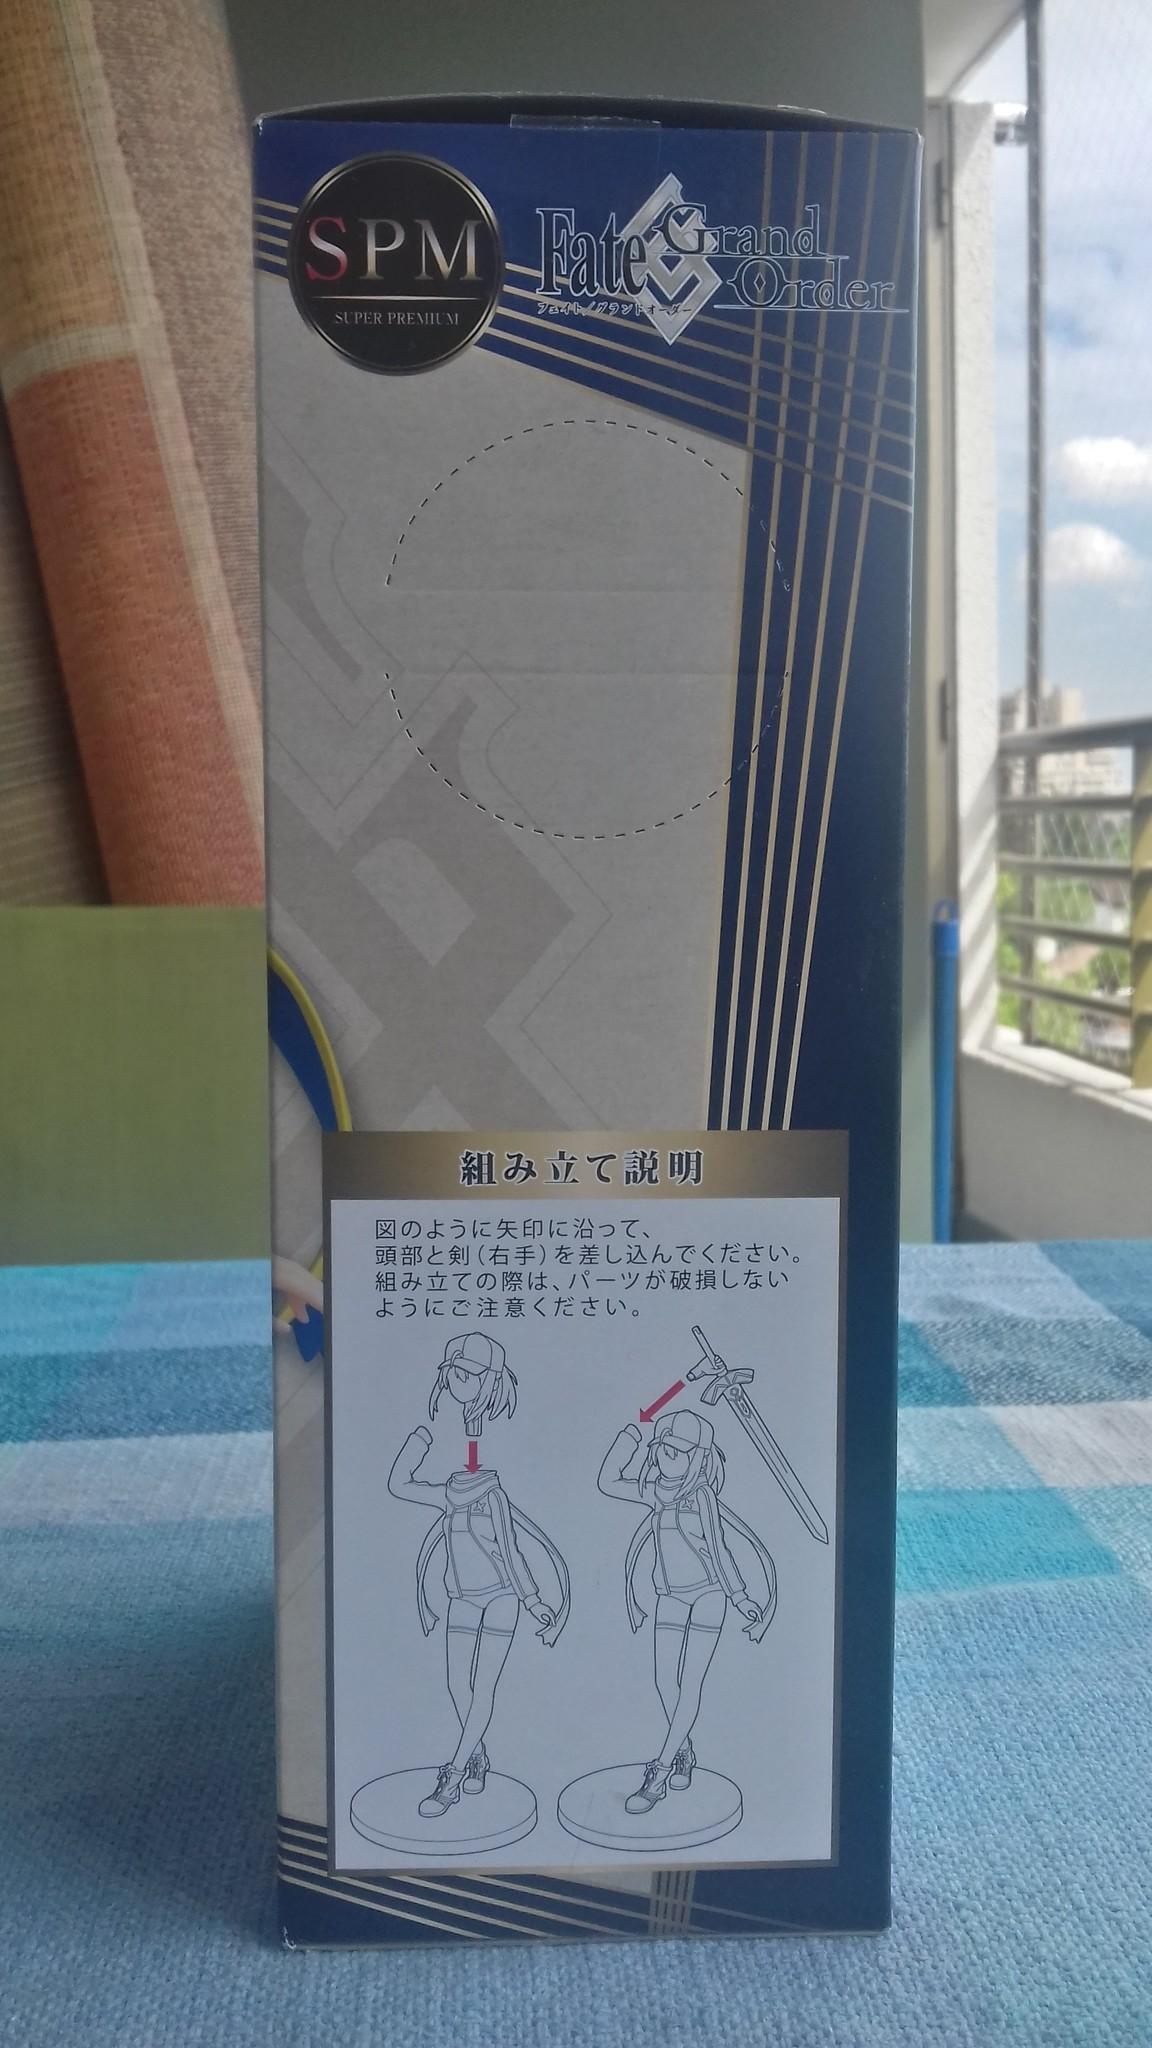 sega type_moon teiji fate/grand_order nazo_no_heroine_x spm_figure